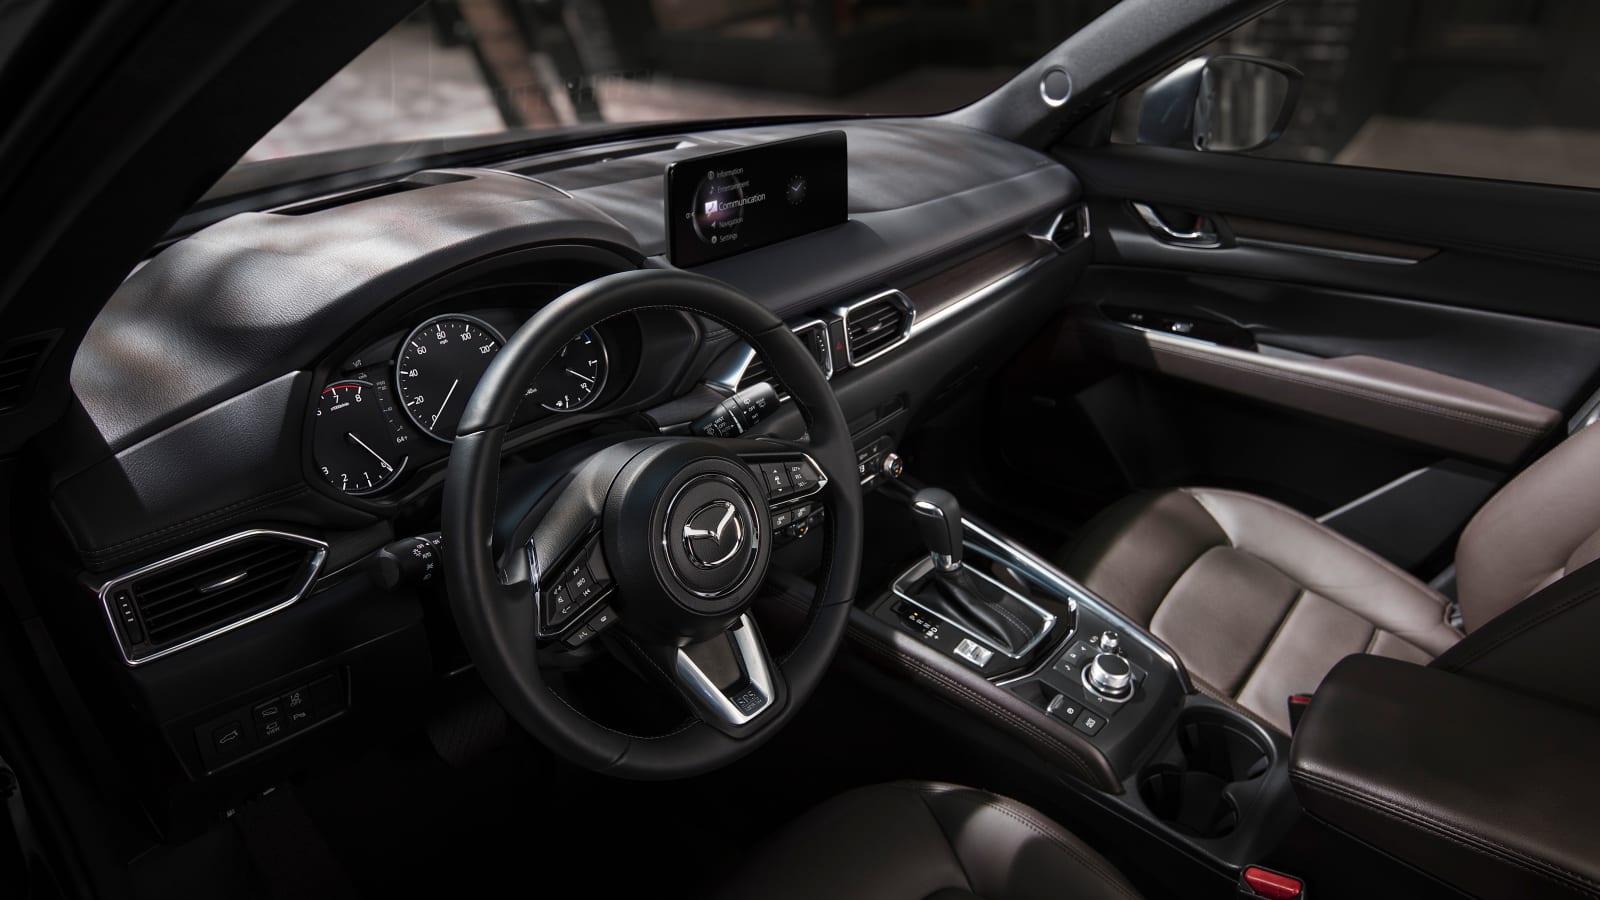 Kelebihan Kekurangan Mazda Cx 5 2021 Tangguh